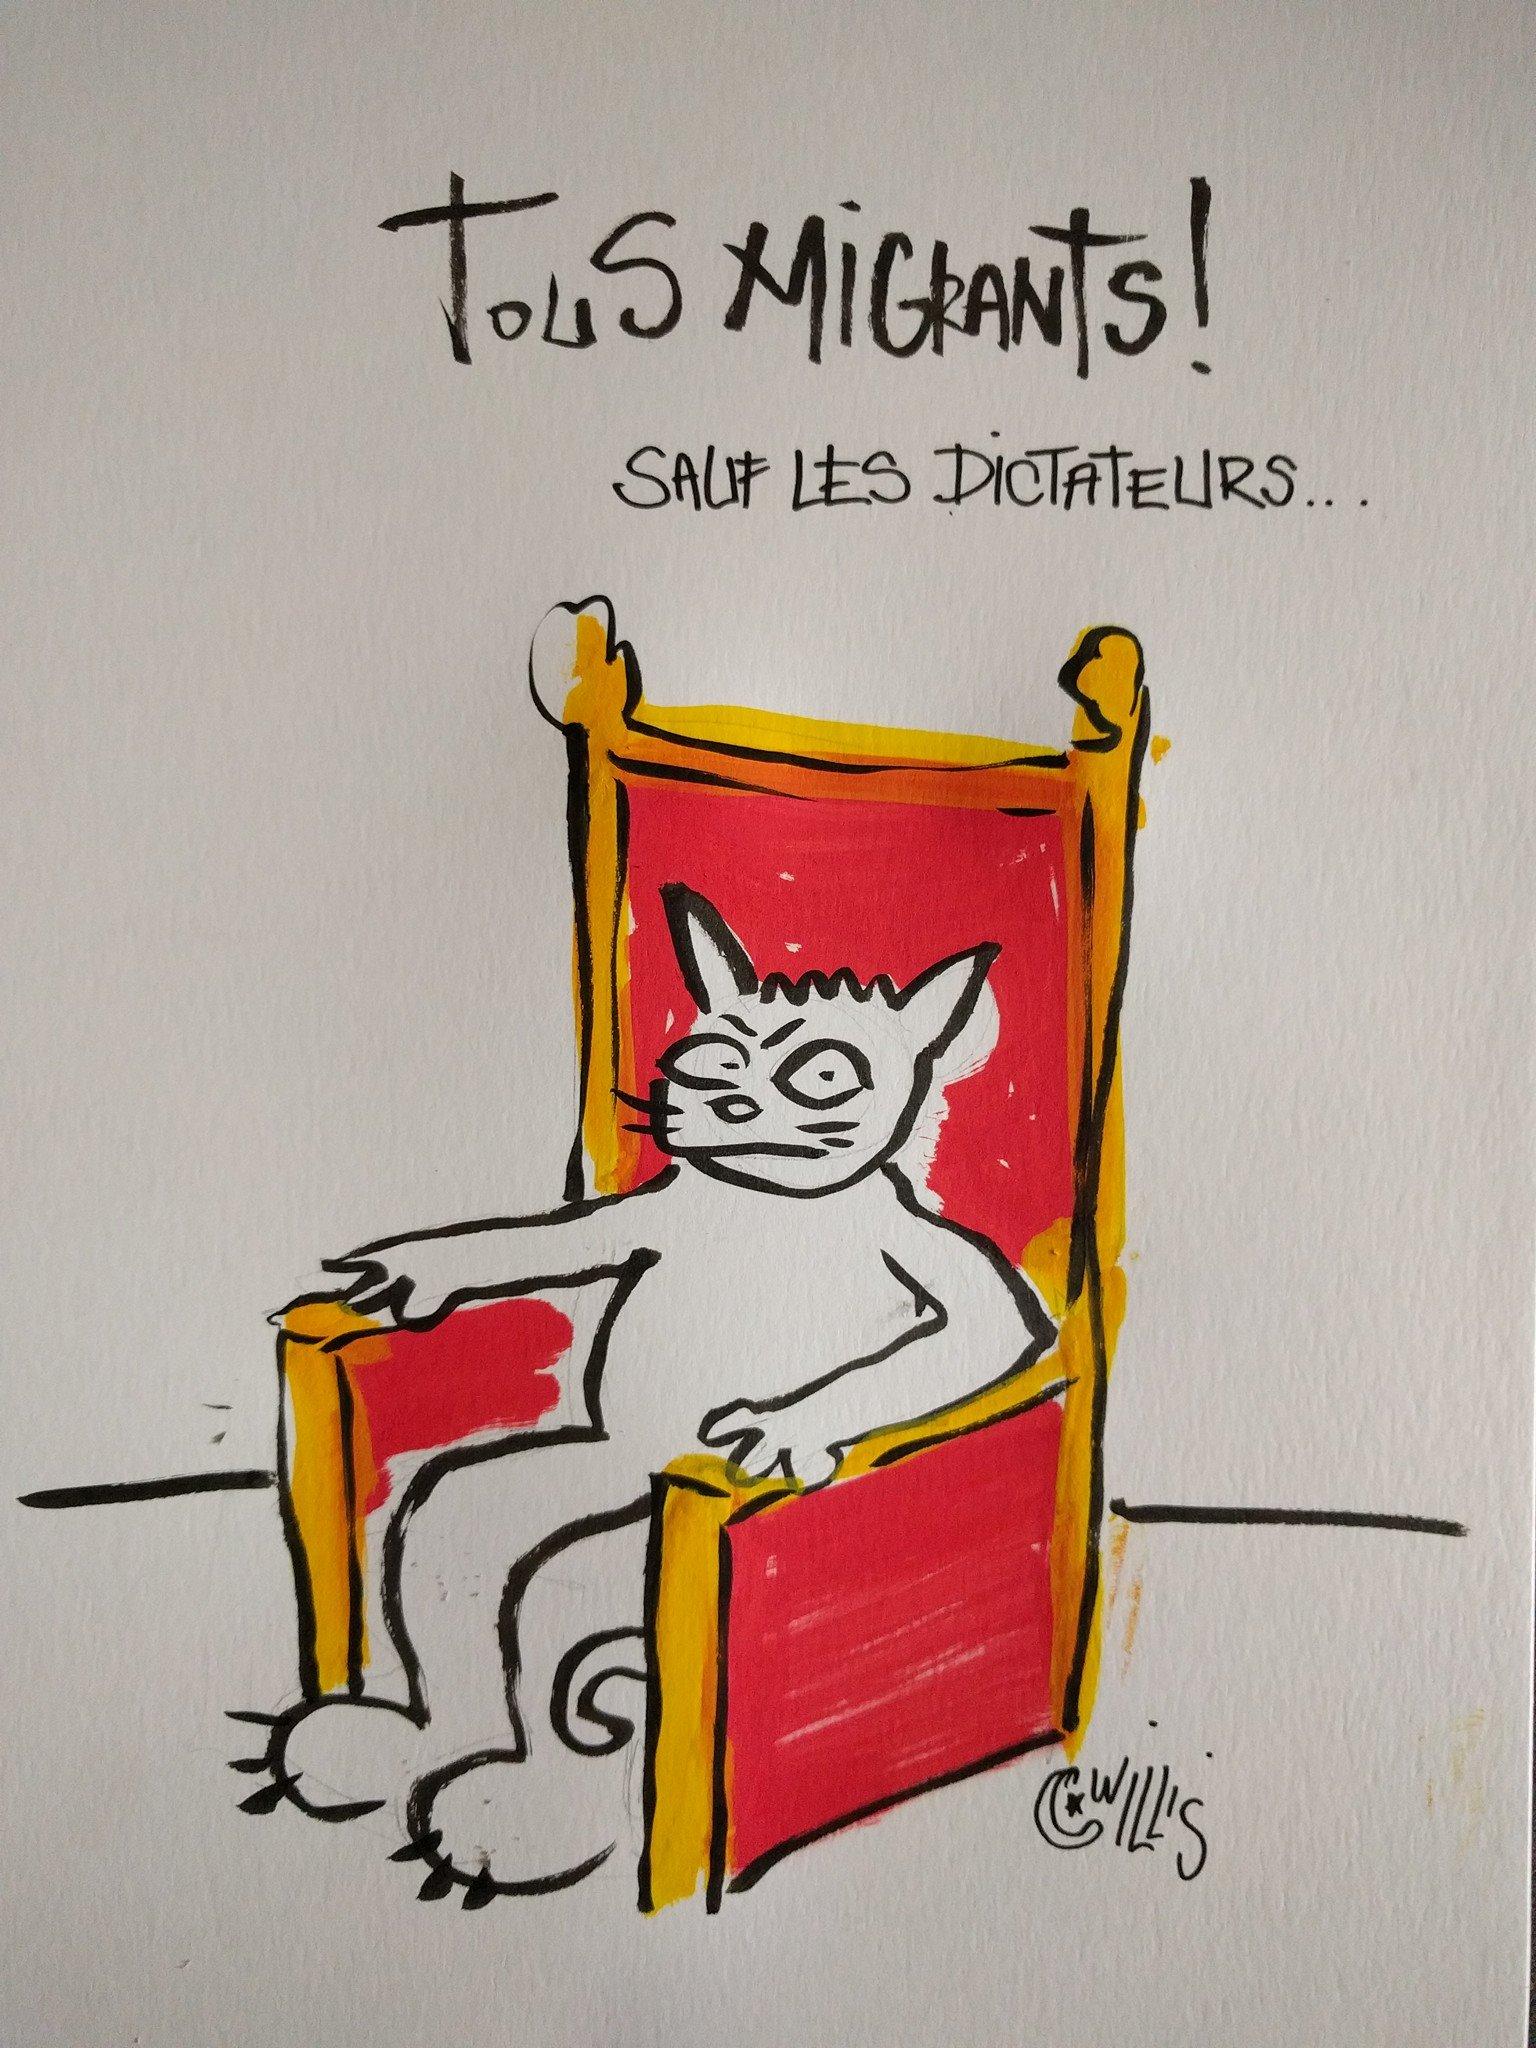 Dessin de Willis from Tunis, réalisé en direct pendant les conférences